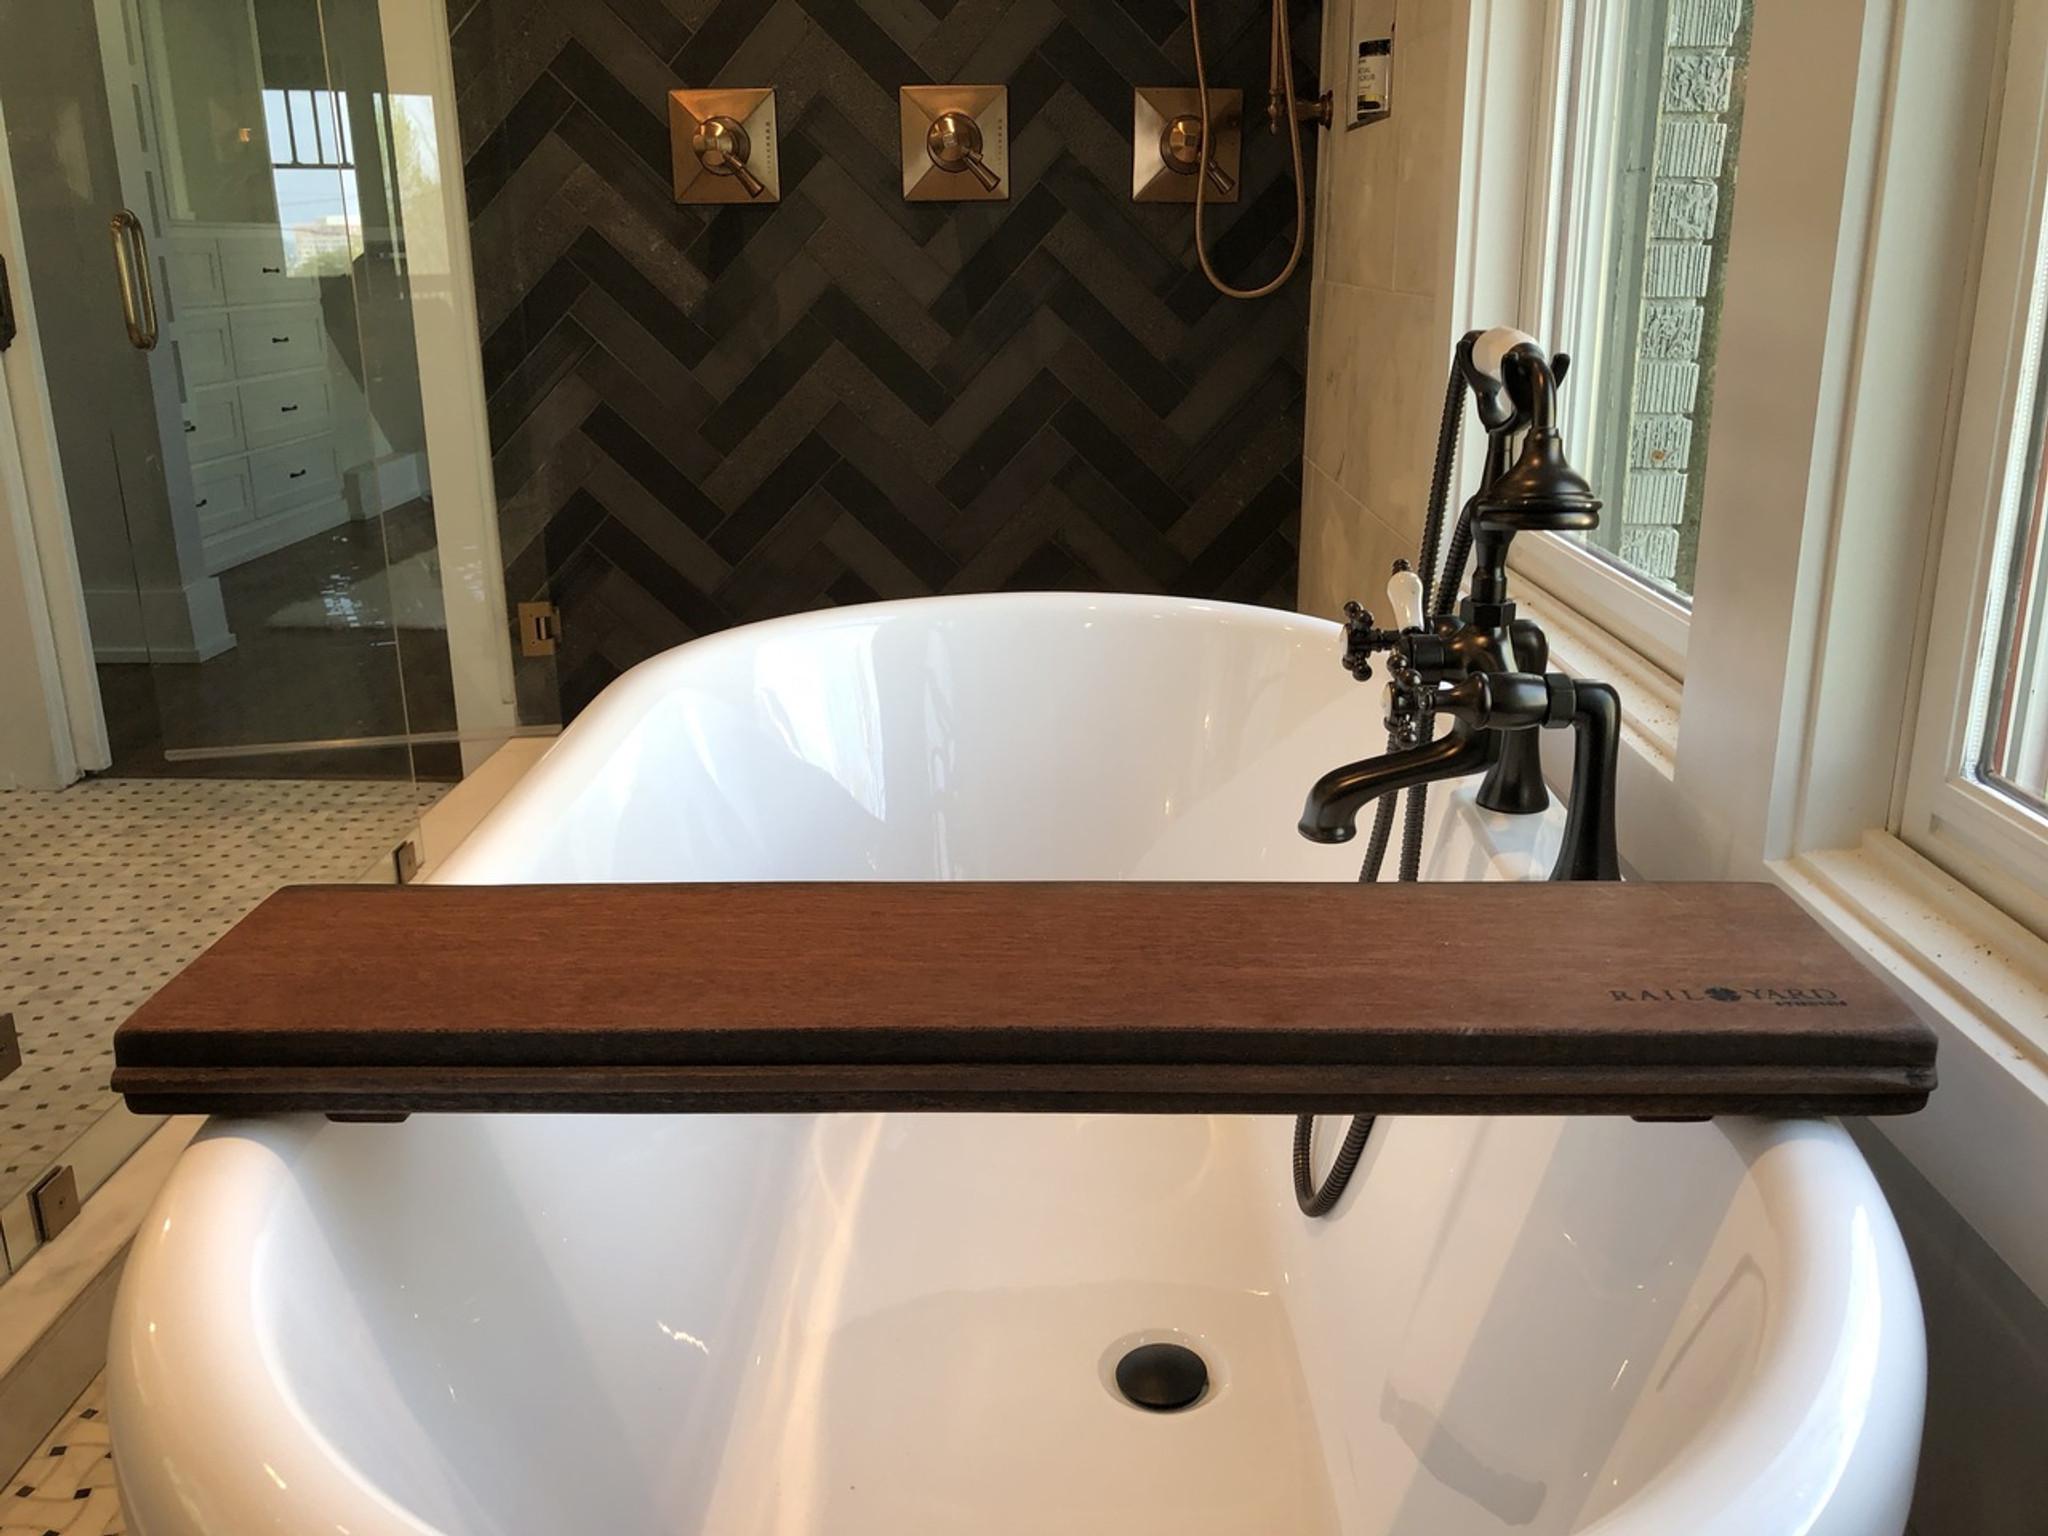 NYC Bath Caddy